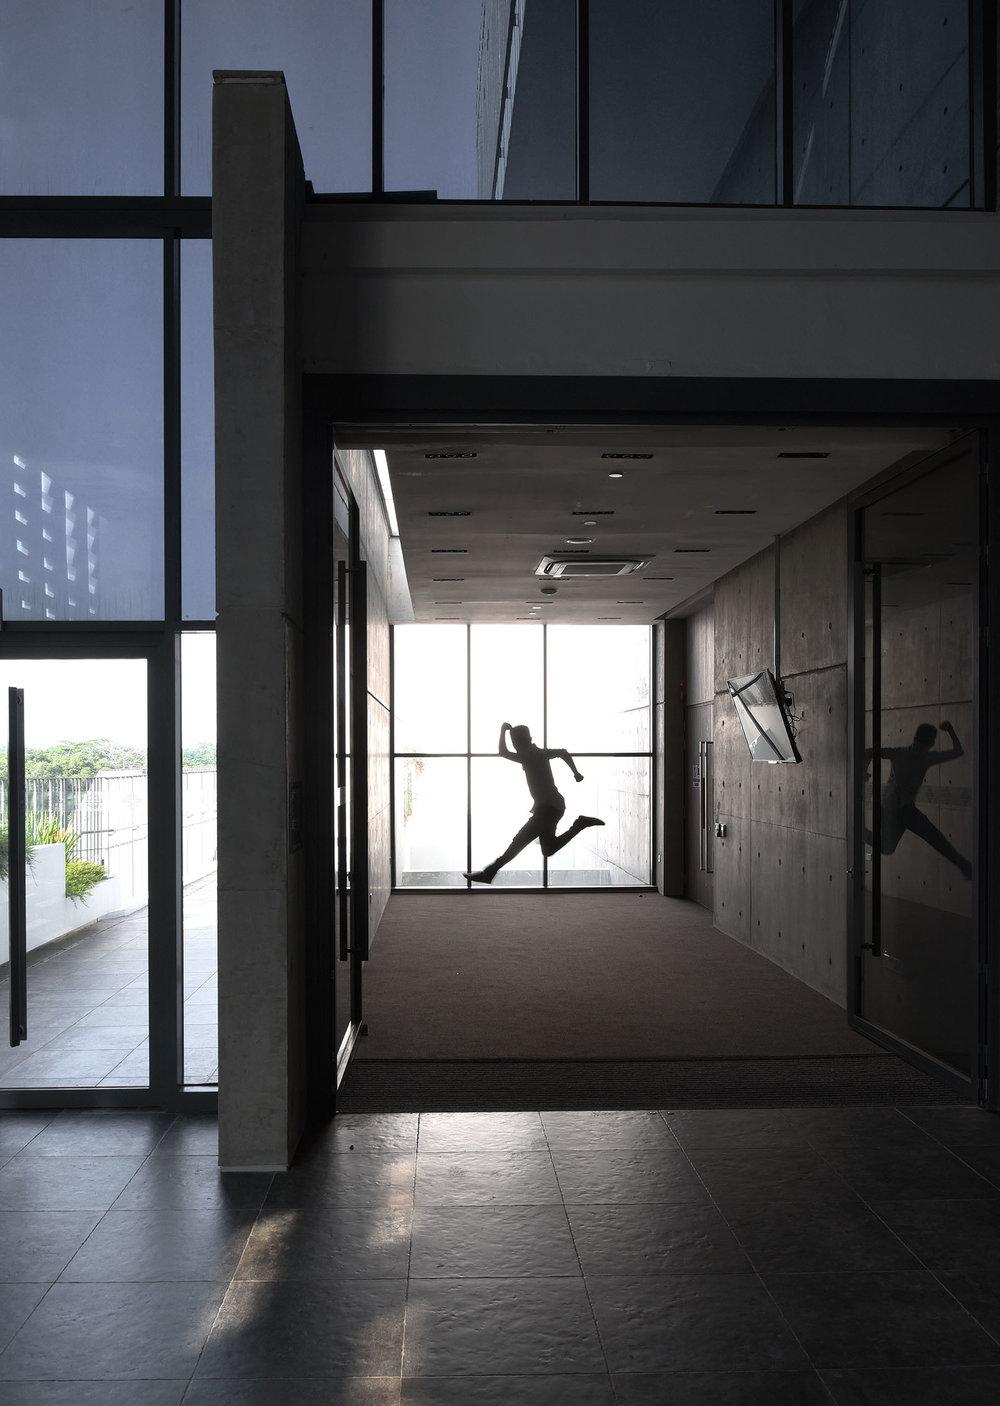 Jumping Man.jpg